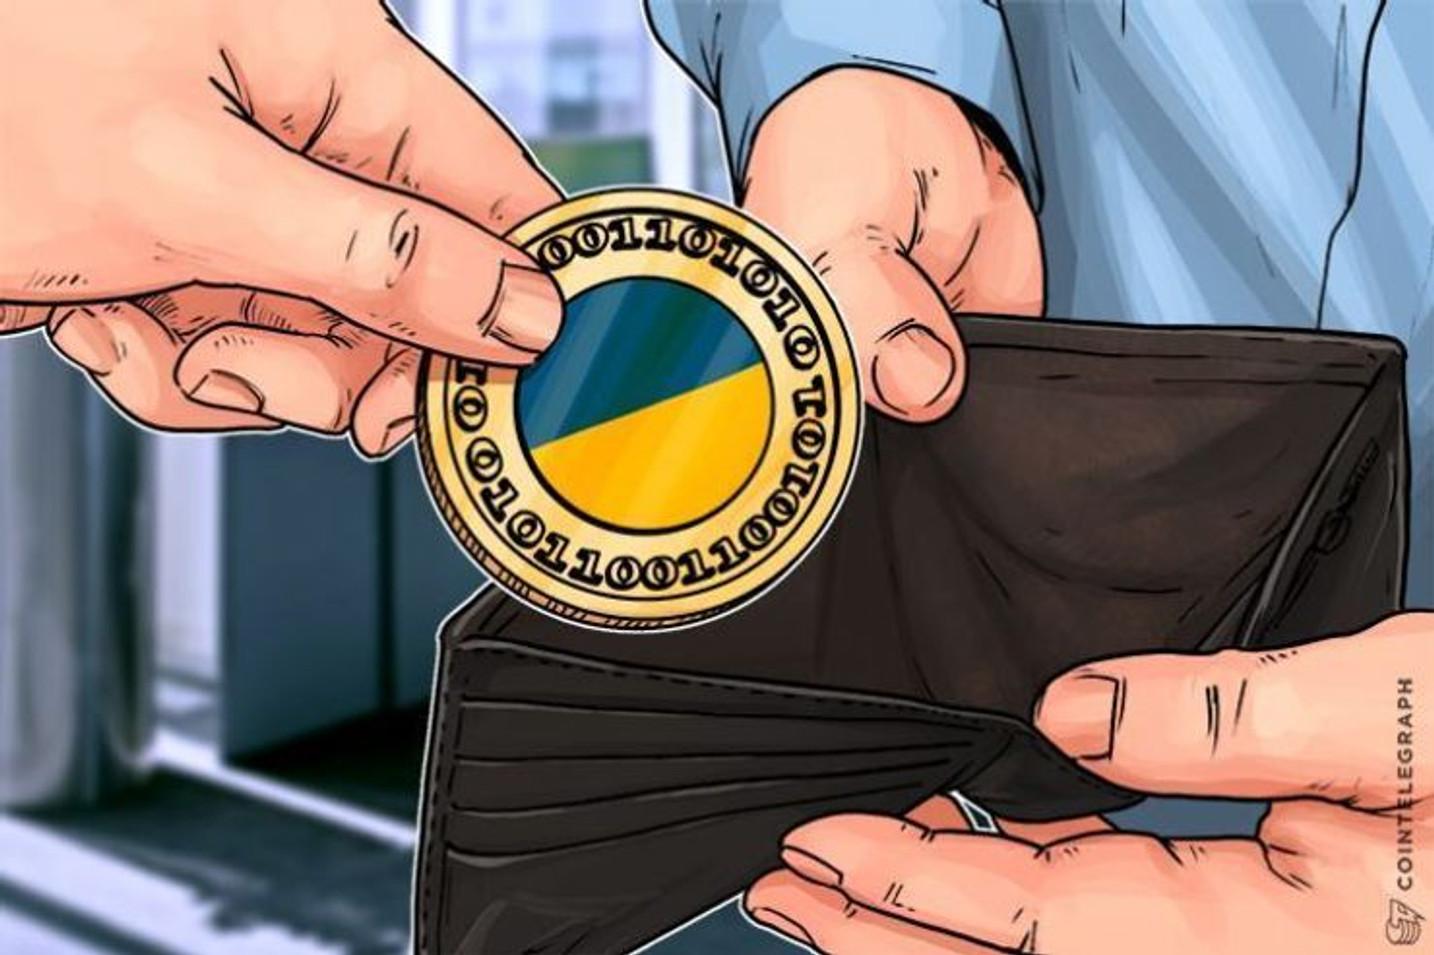 ウクライナ、仮想通貨関連の収入に5%課税検討、9月に法案提出